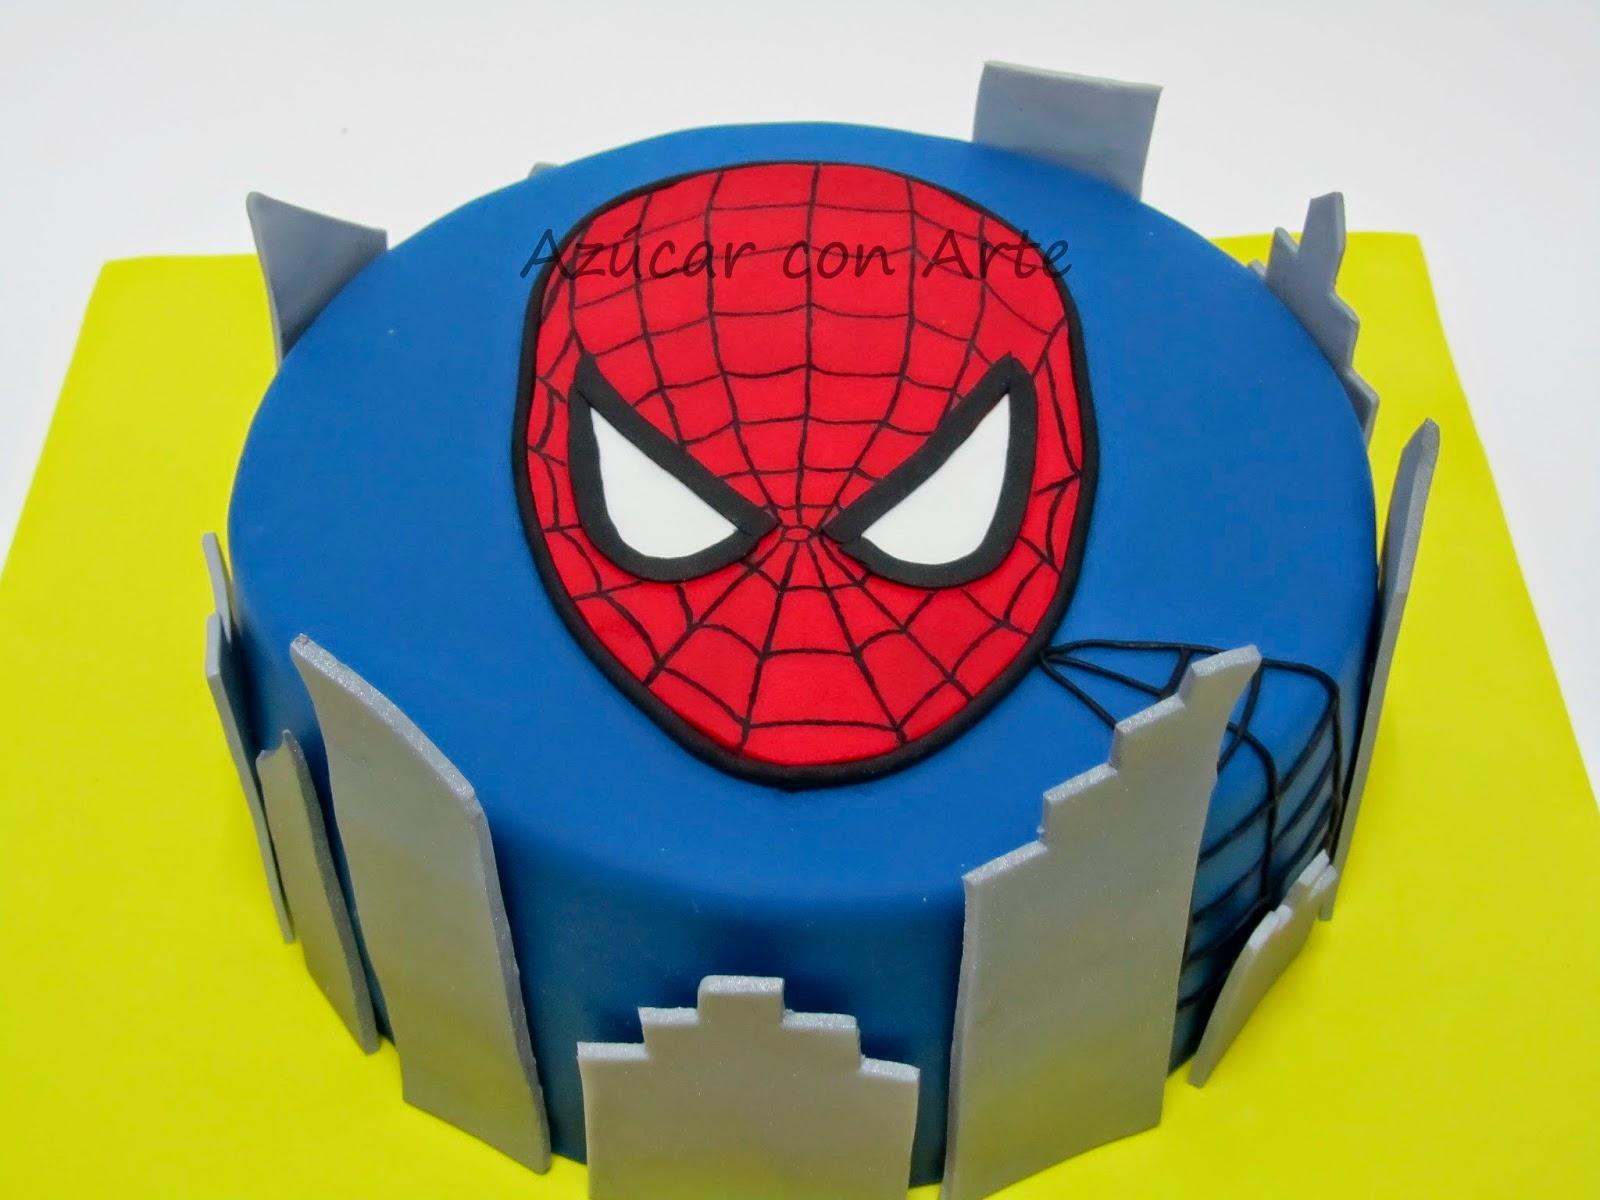 tarta spiderman, spiderman cake, tarta sin gluten, gluten free cake